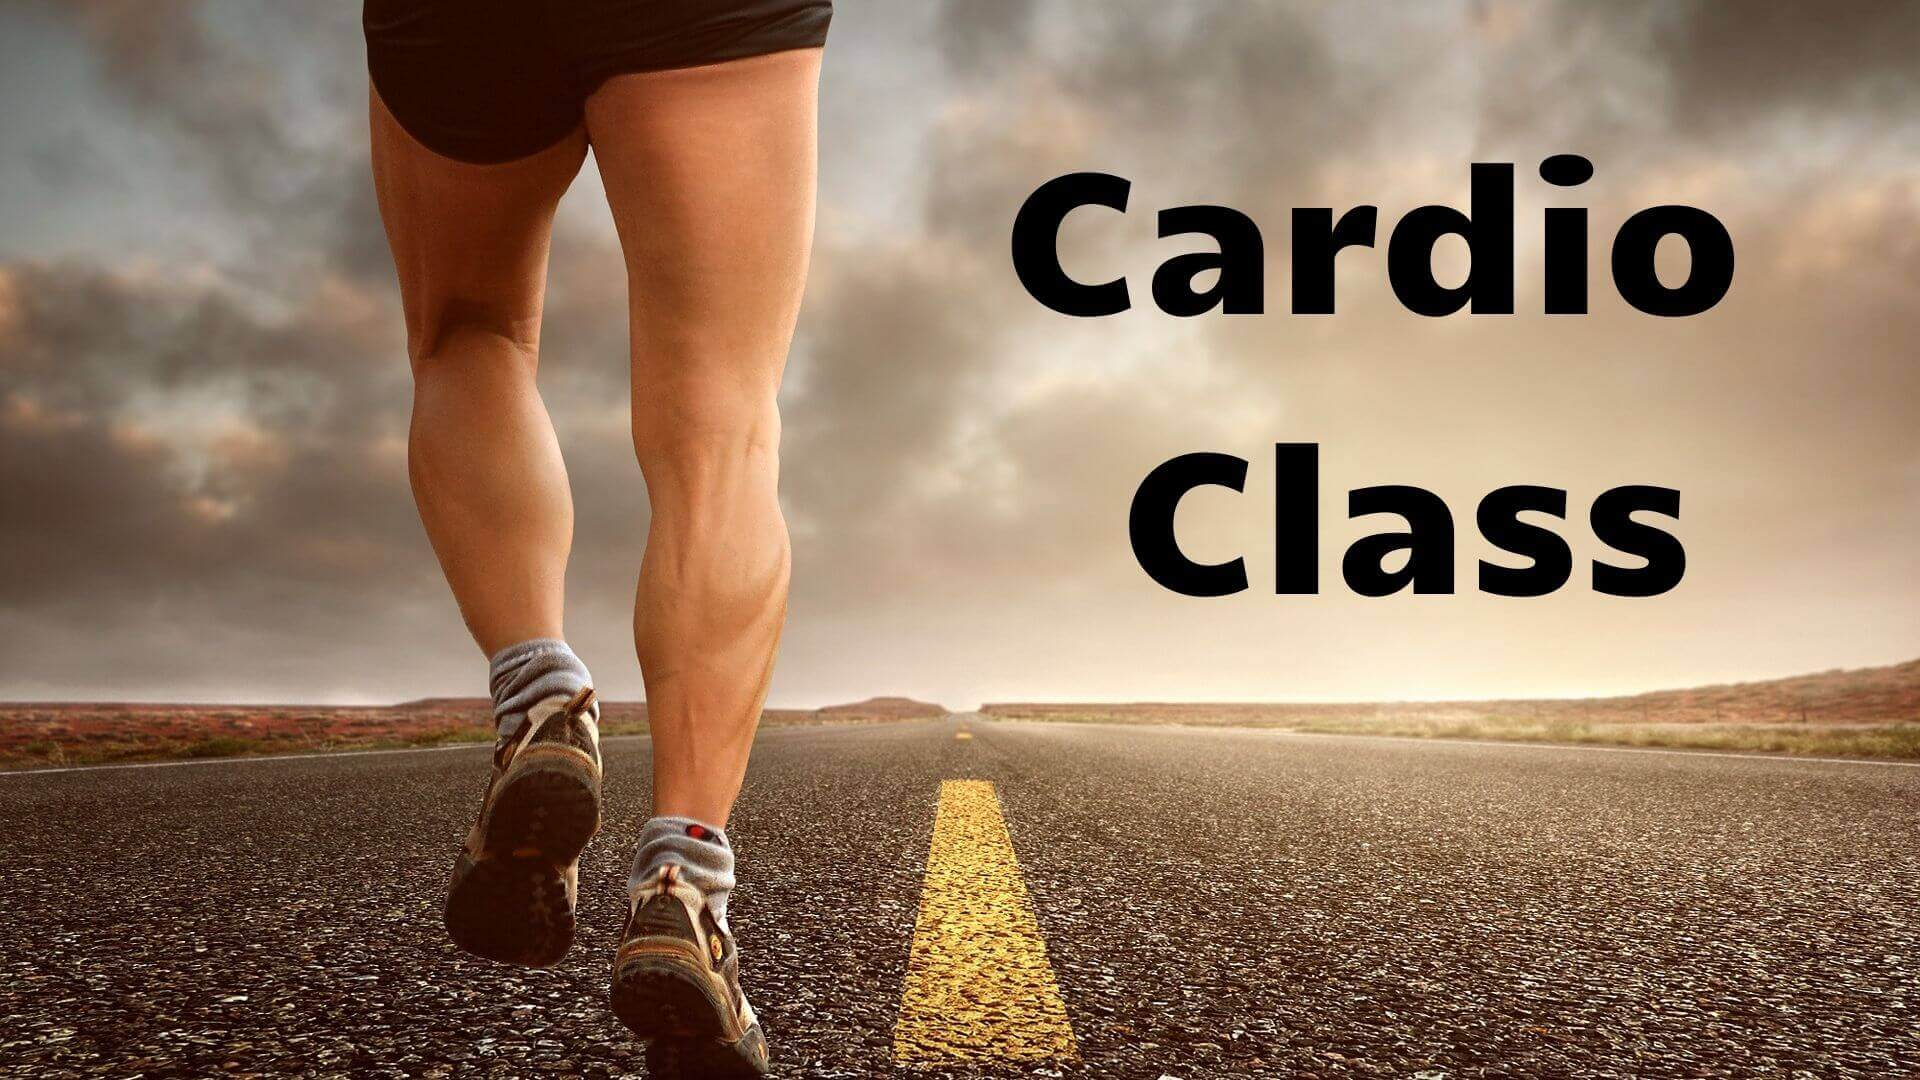 cardio class